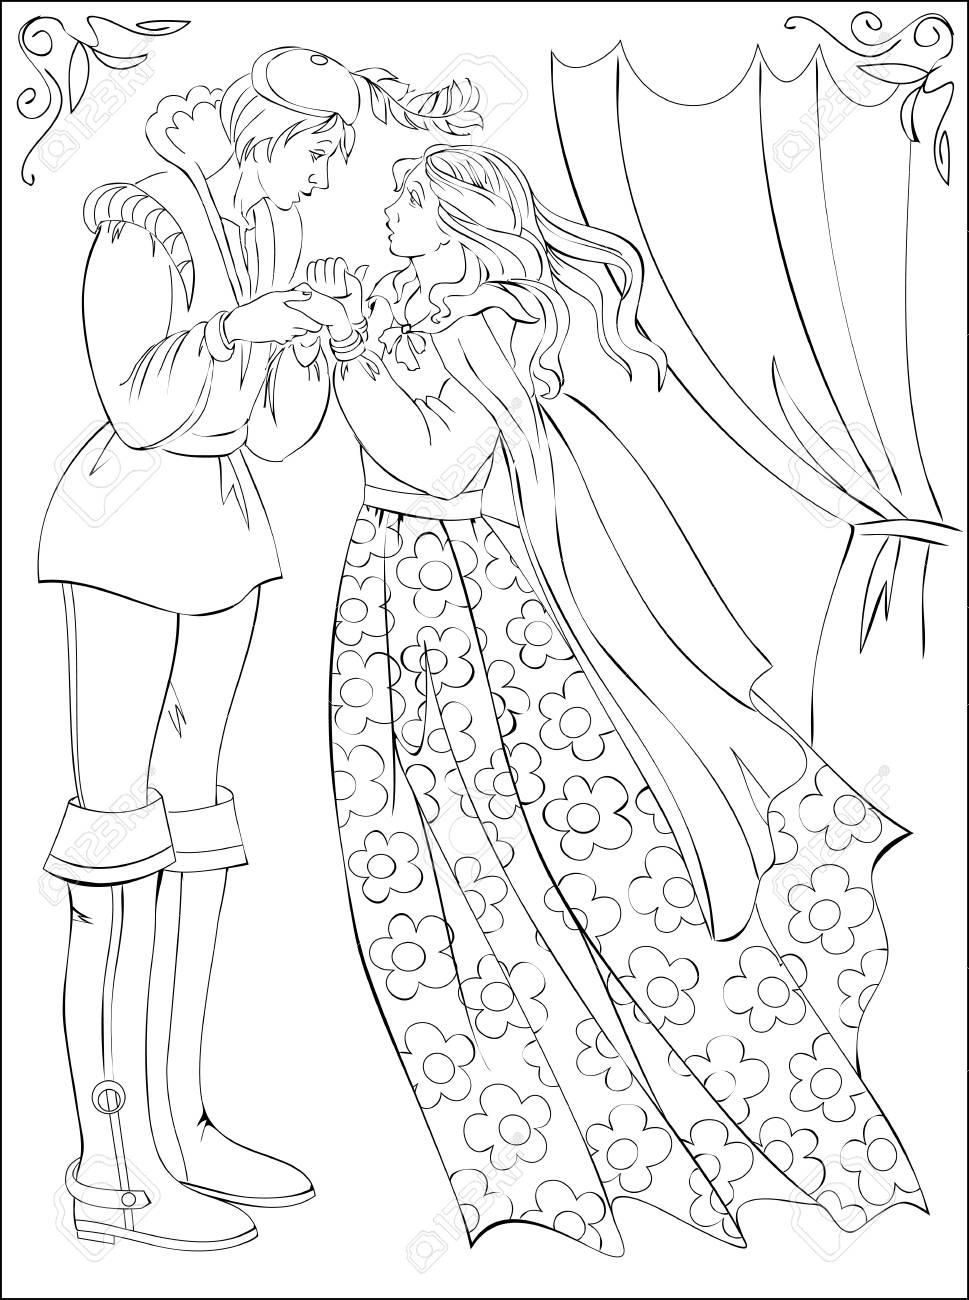 Página En Blanco Y Negro Para Colorear Dibujo De La Fantasía Del Príncipe Y De La Princesa Del Cuento De Hadas Hoja De Trabajo Para Niños Y Adultos